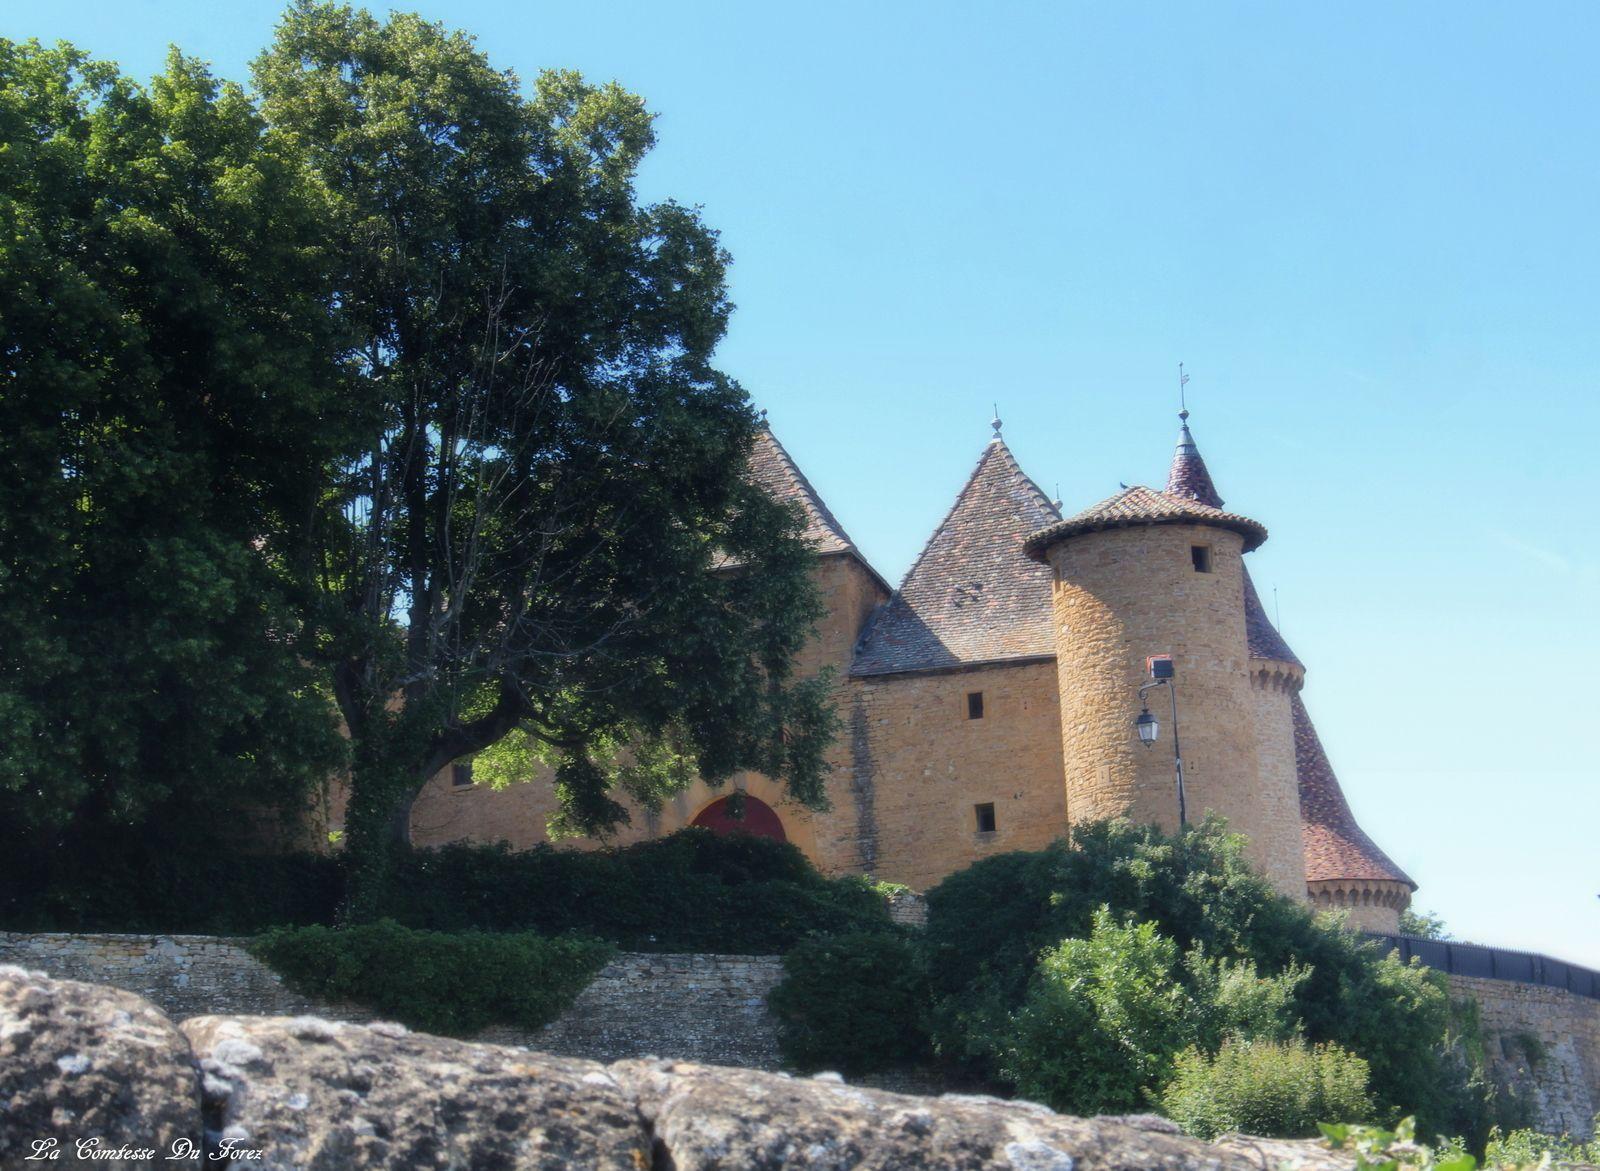 Château de Jarnioux (69640 Jarnioux - Beaujolais)